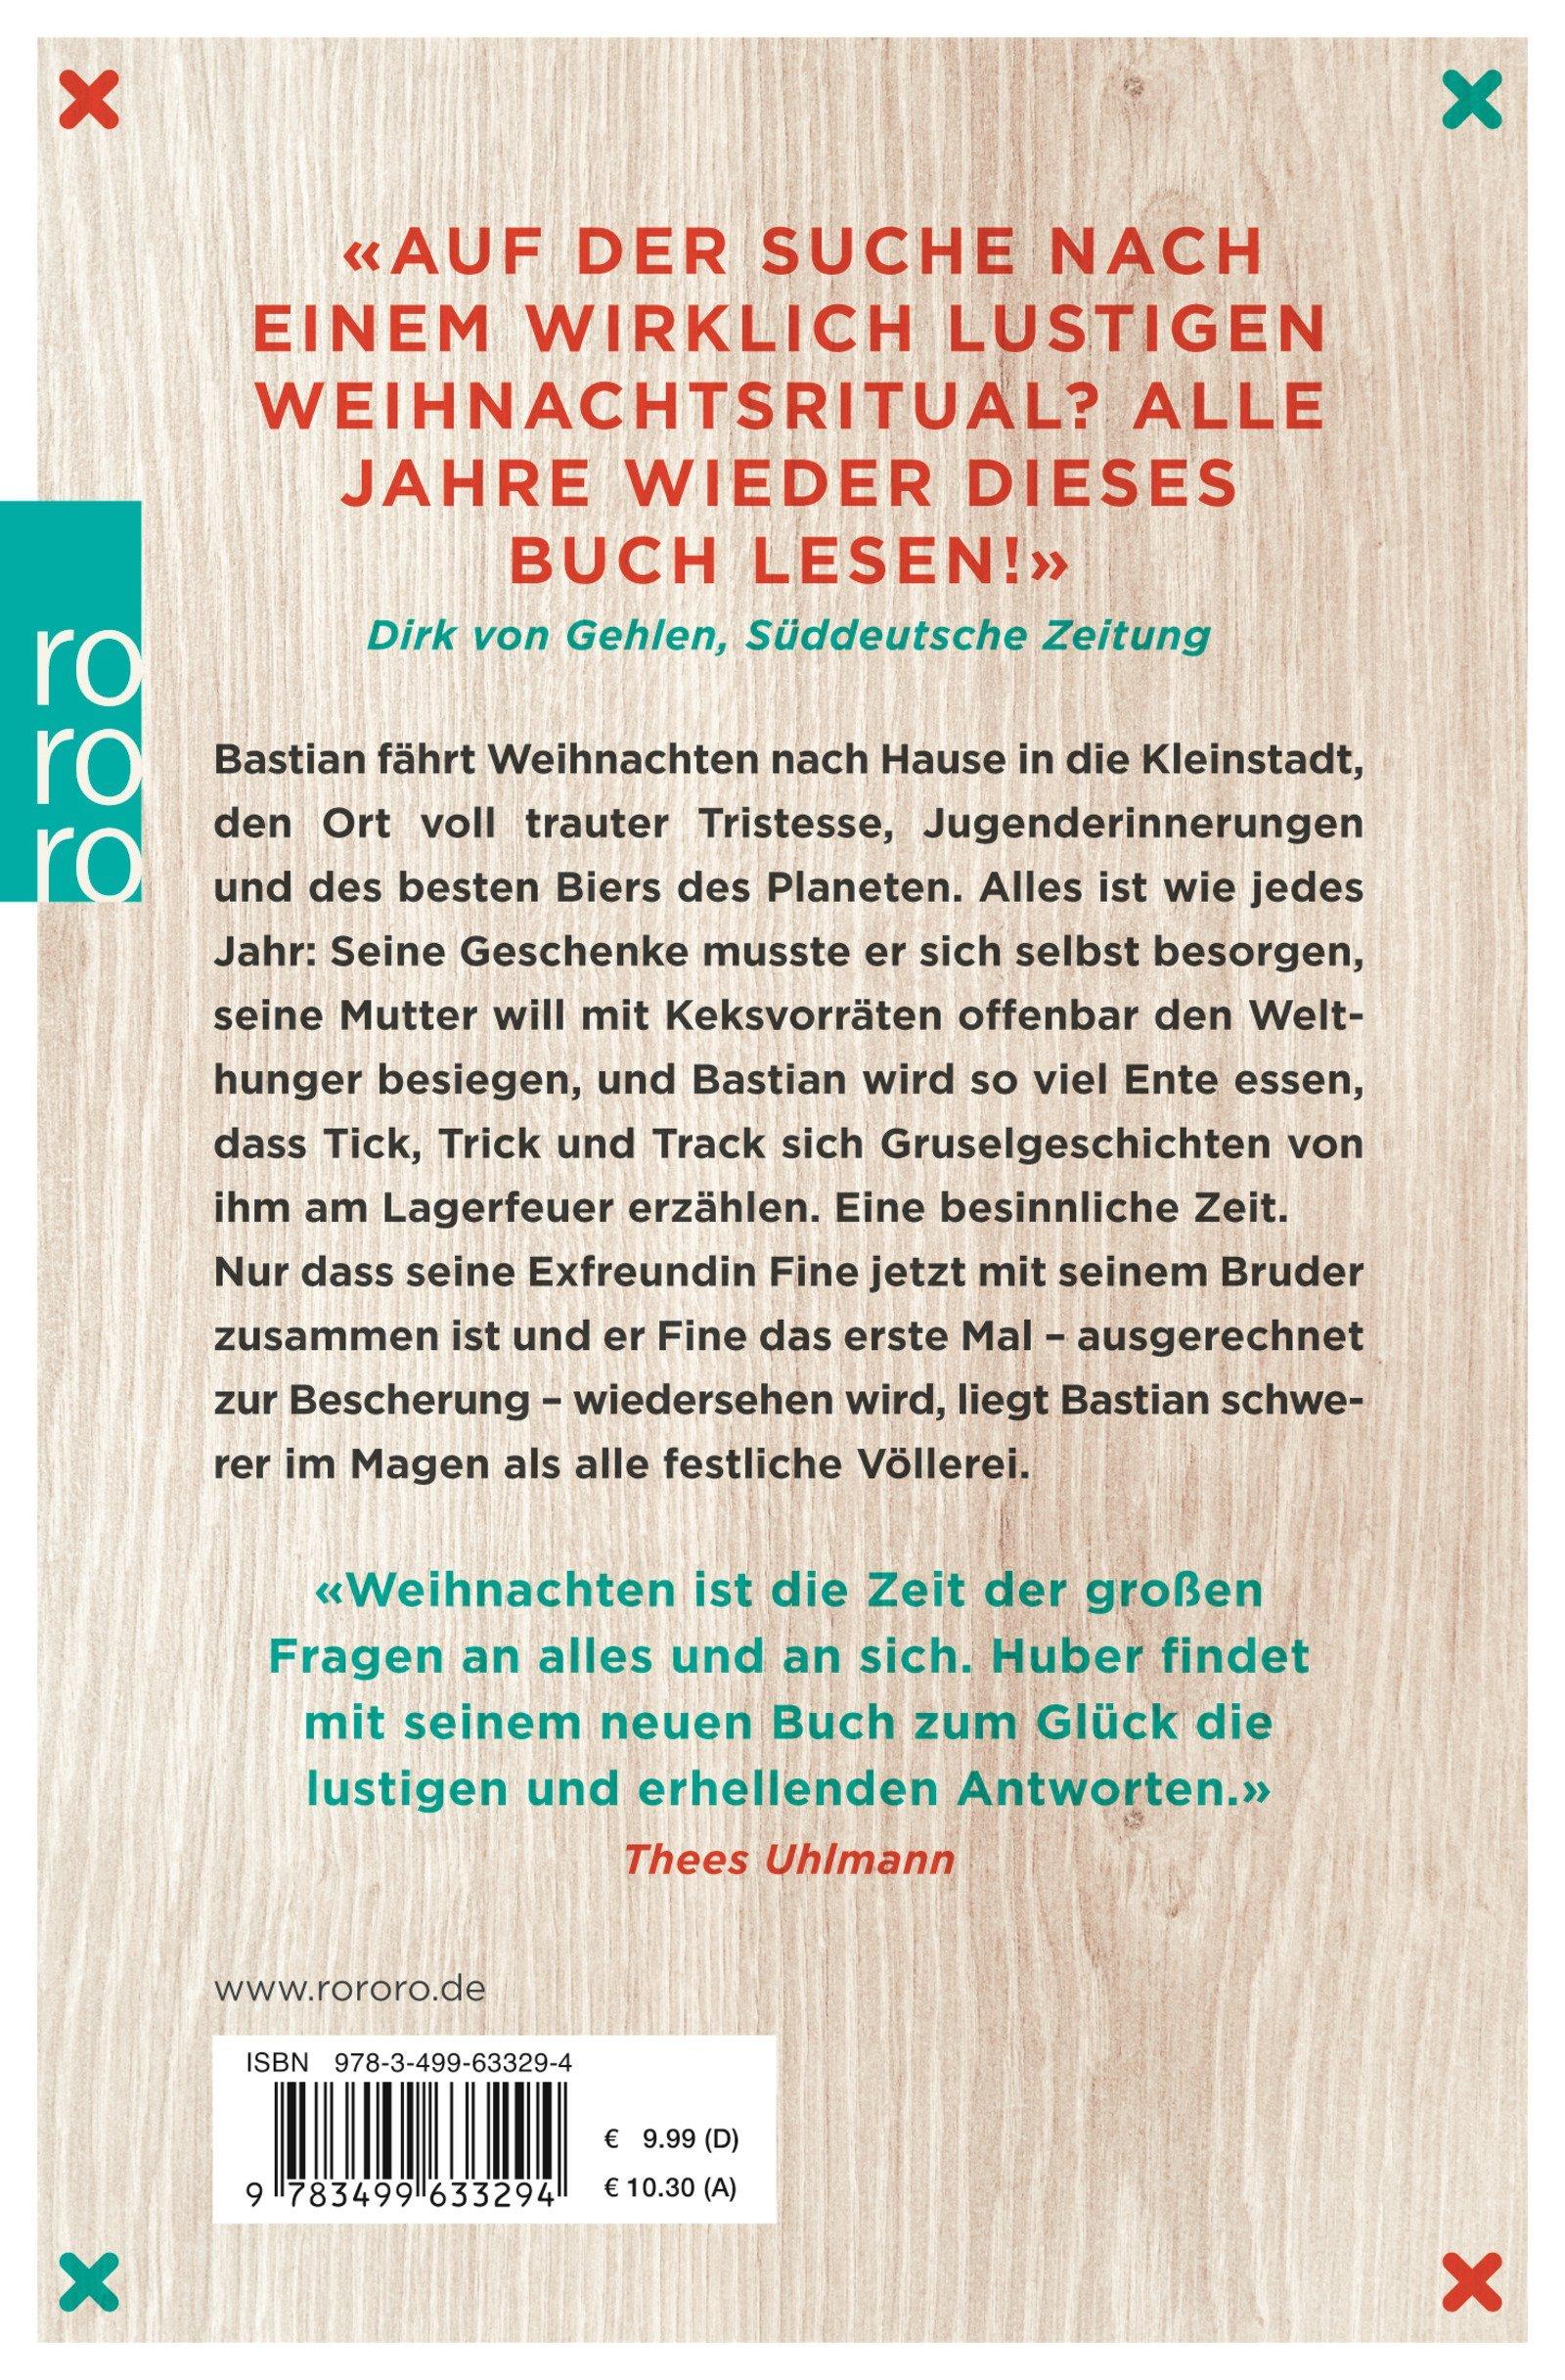 7 Kilo in 3 Tagen: Über Weihnachten nach Hause: Amazon.de: Christian ...